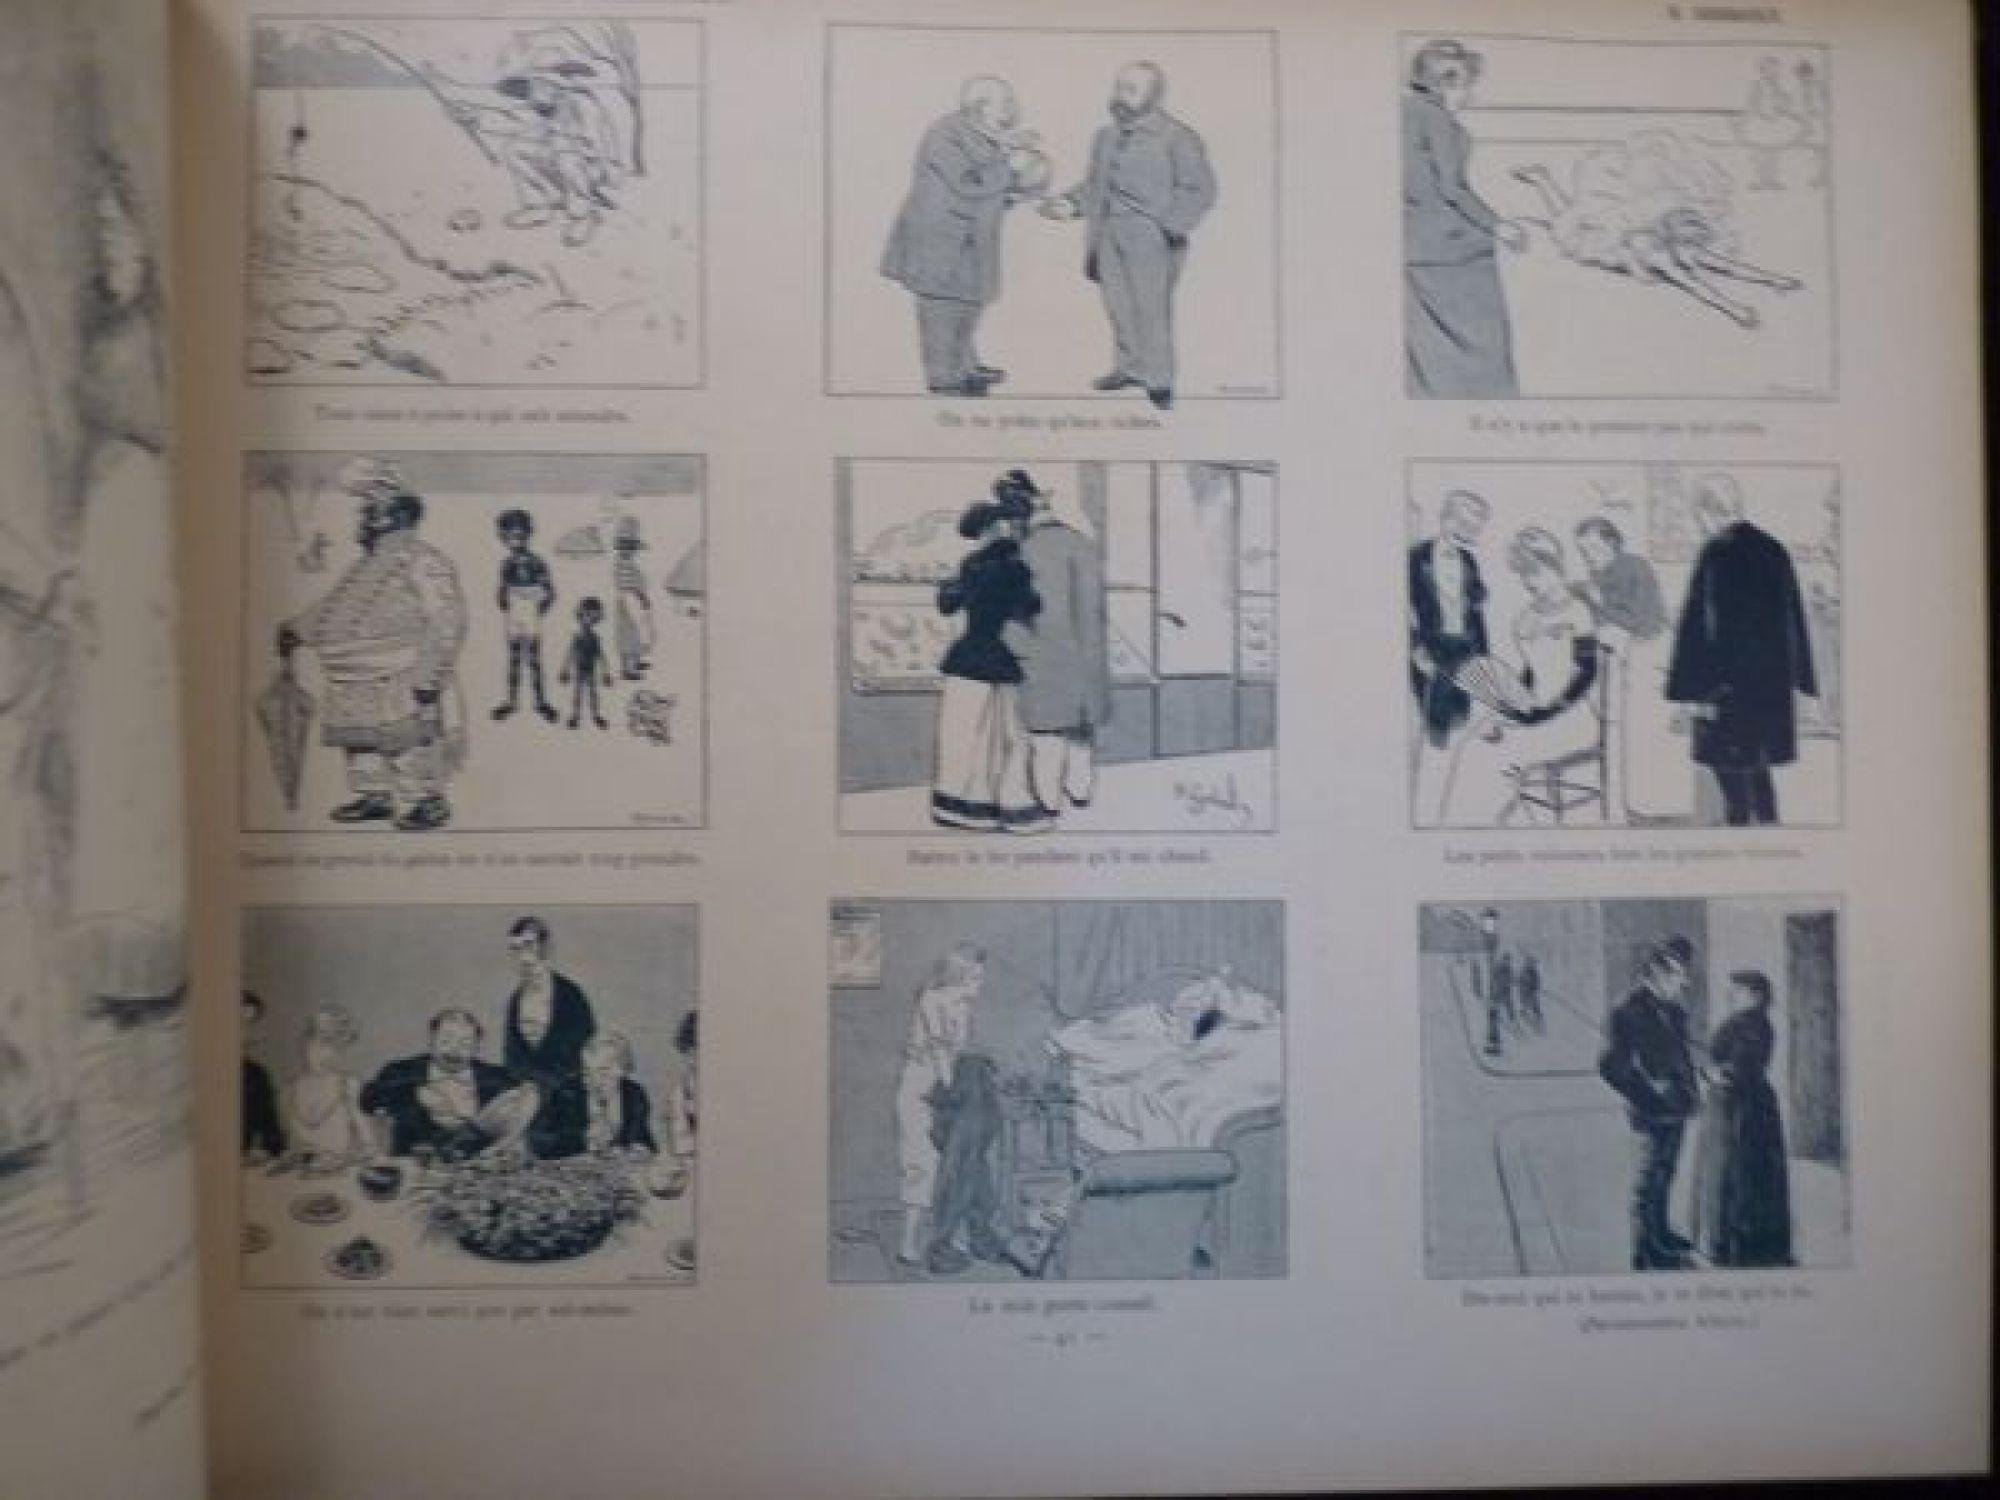 collectif la galerie comique du dix neuvi 232 me si 232 cle edition originale edition originale